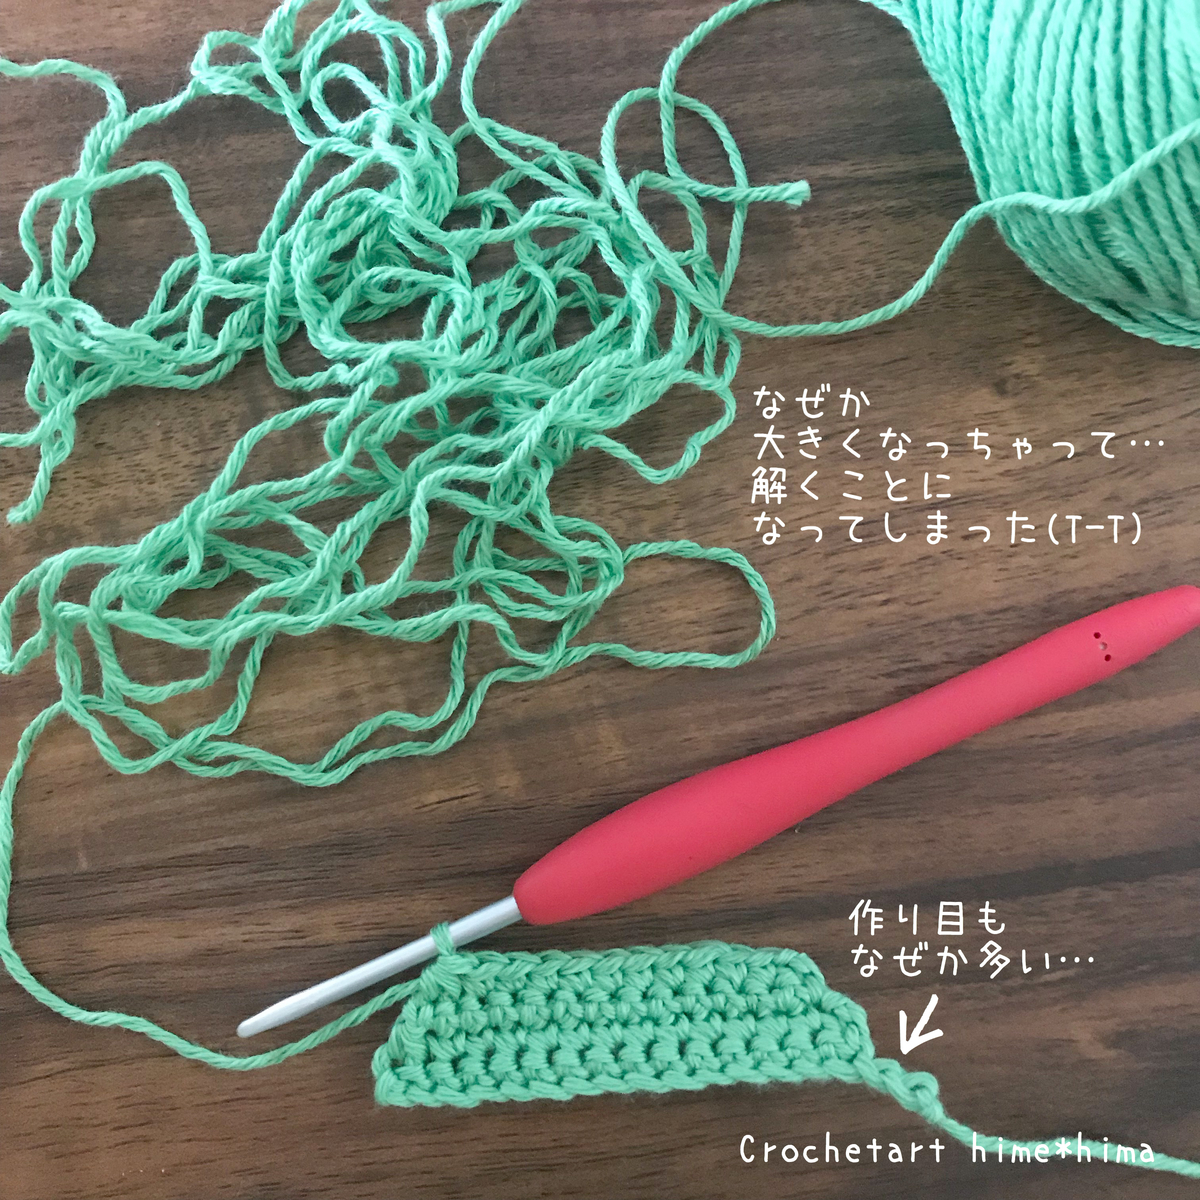 編み間違えた細編みの三角形